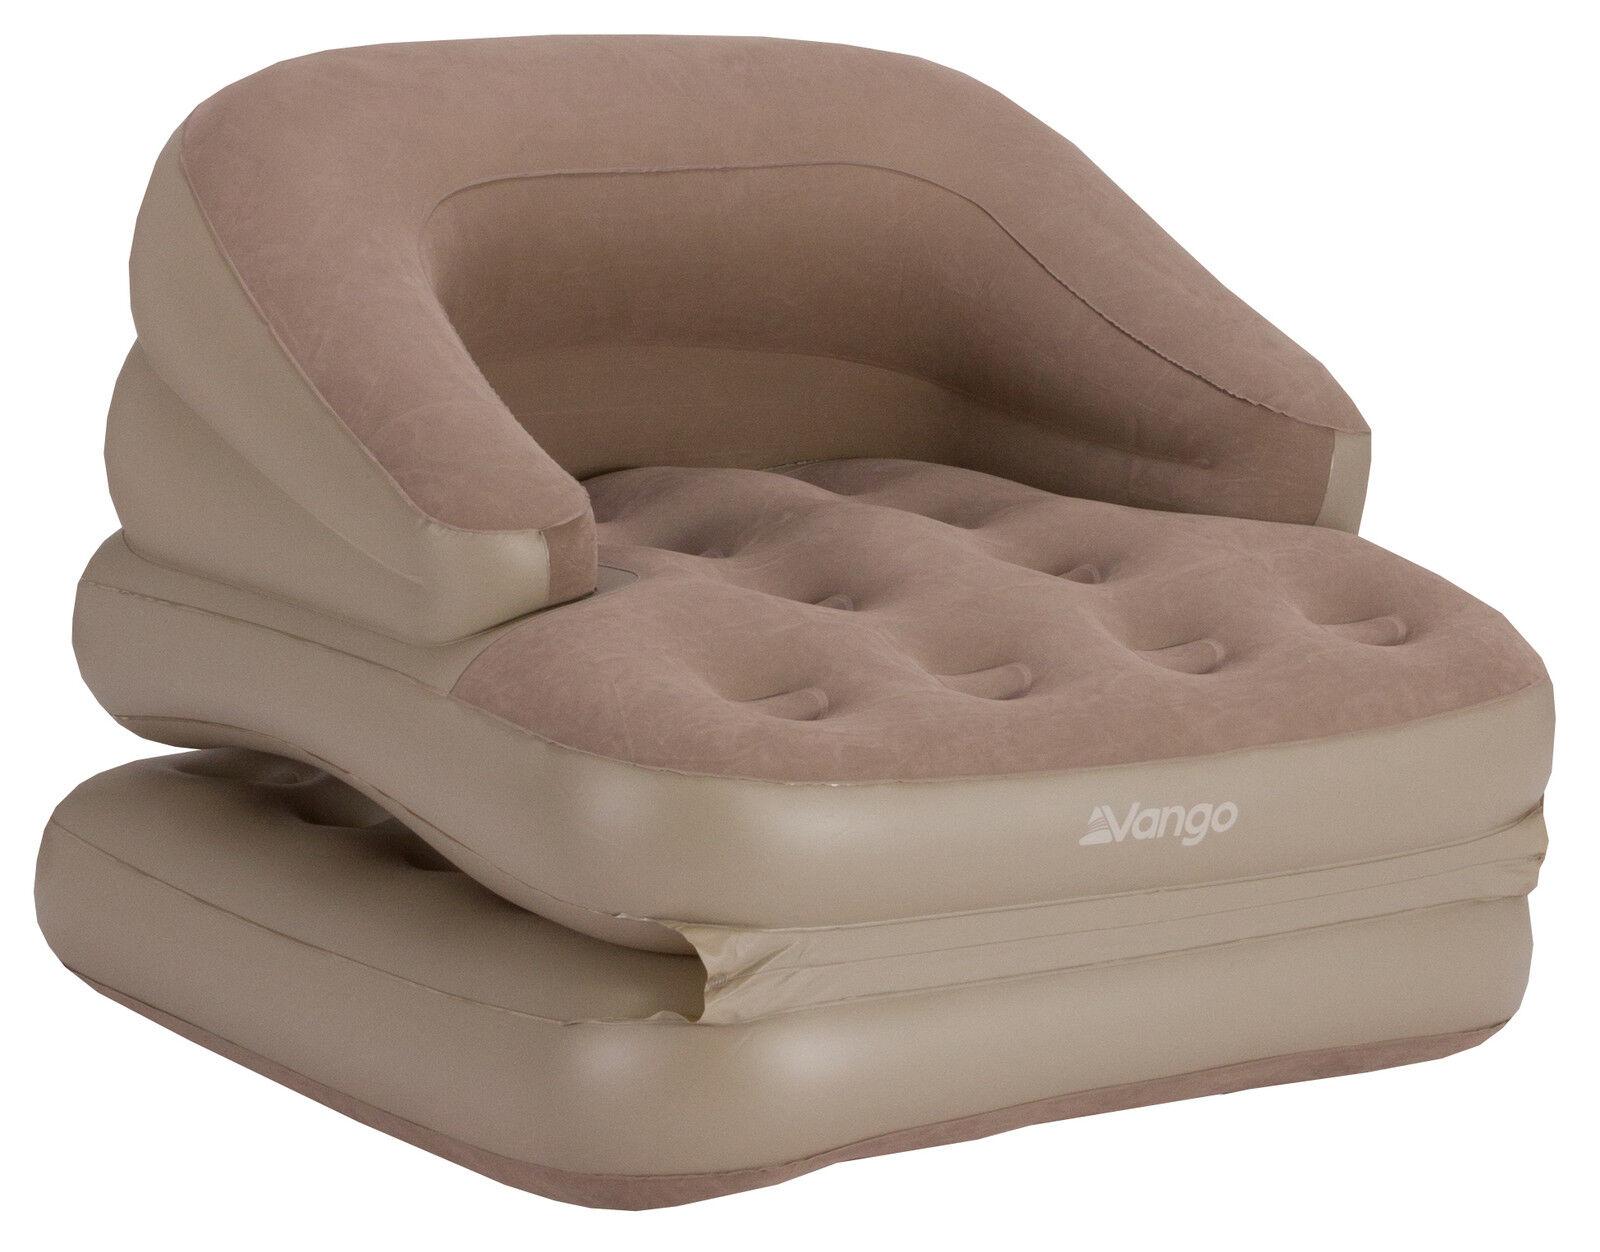 Vango gonflable simple canapé-lit-muscade-modèle 2017-  - 18 Stone limite